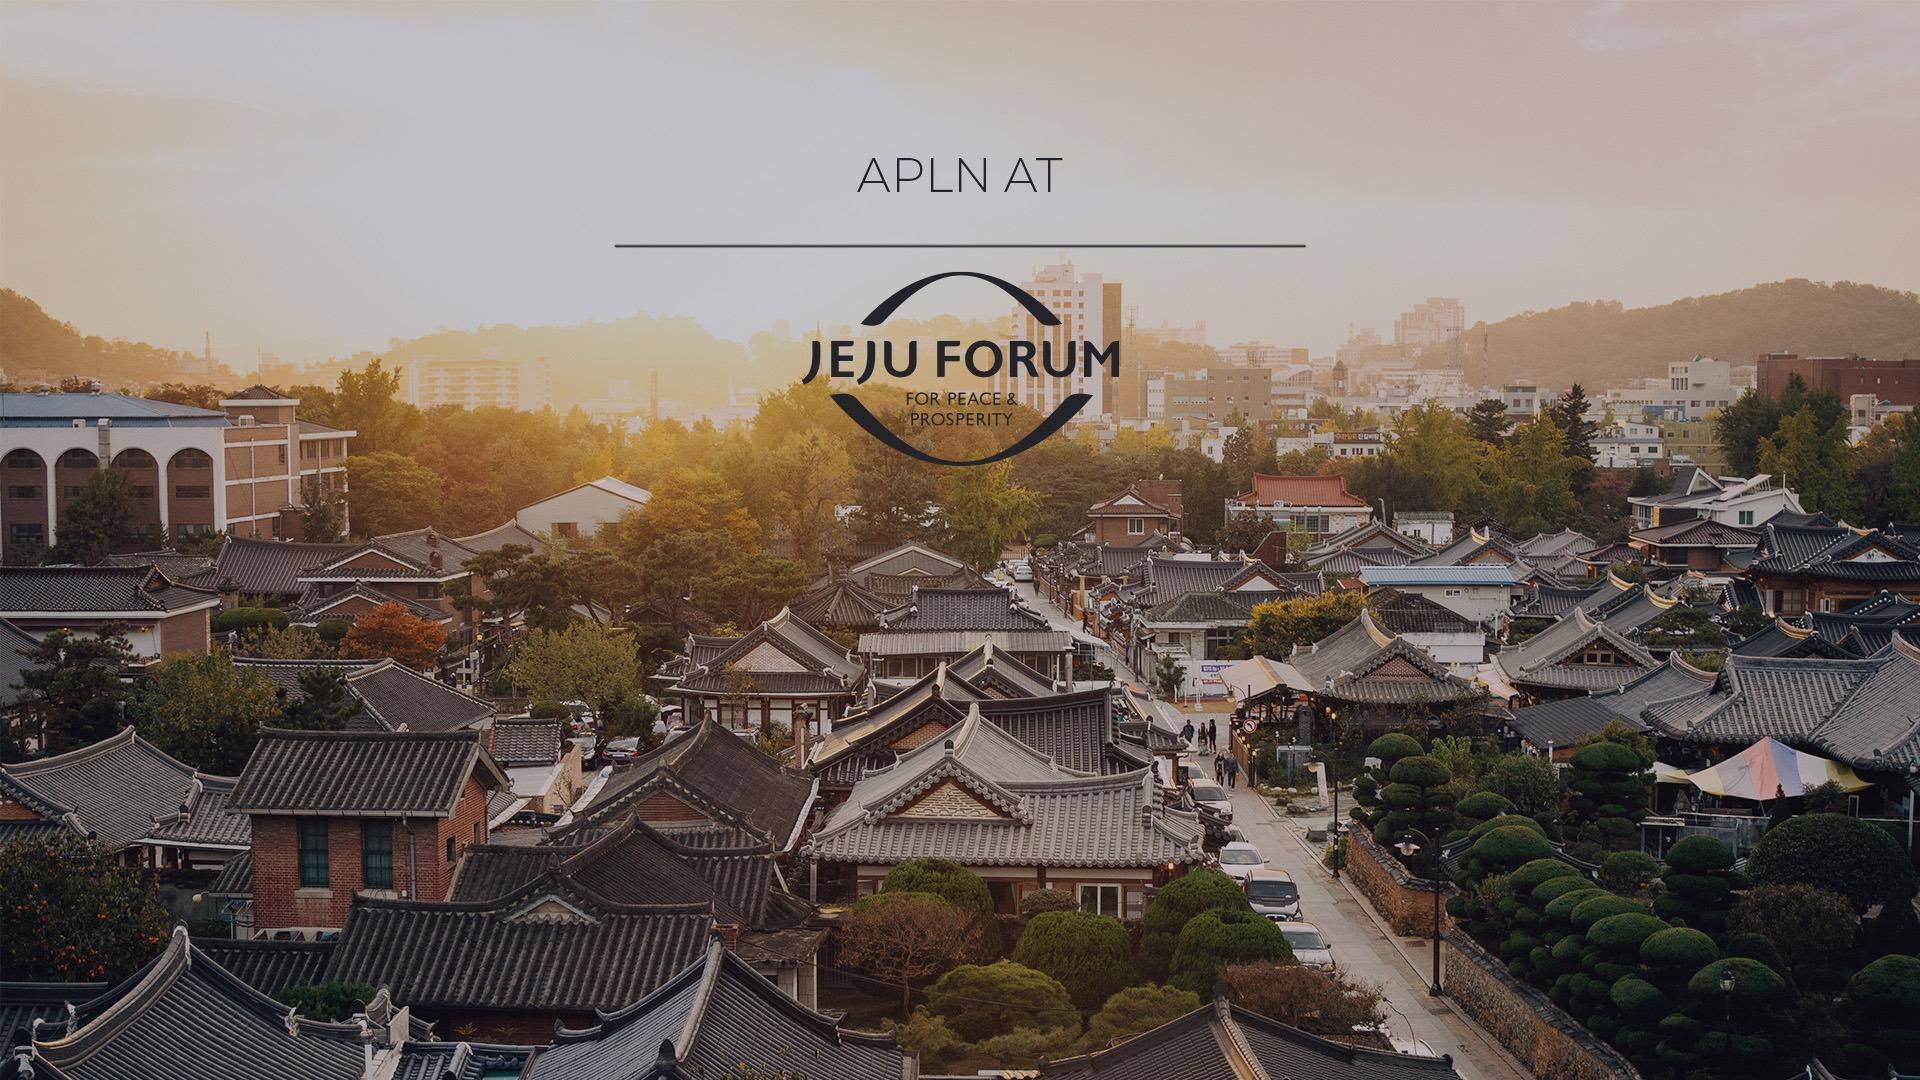 Jeju Forum